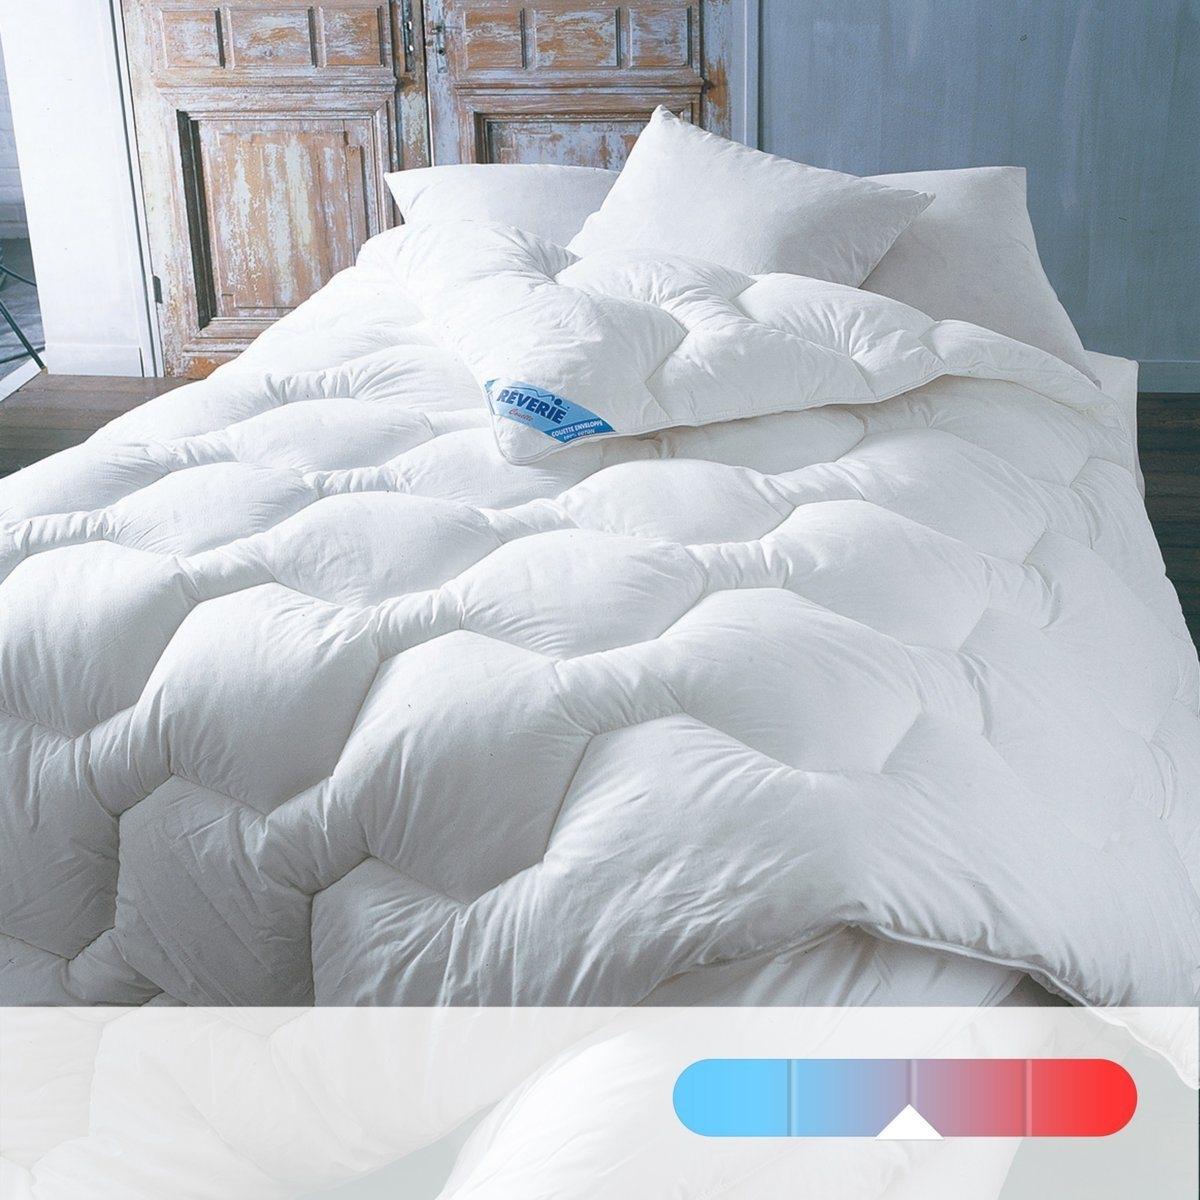 Одеяло от La Redoute